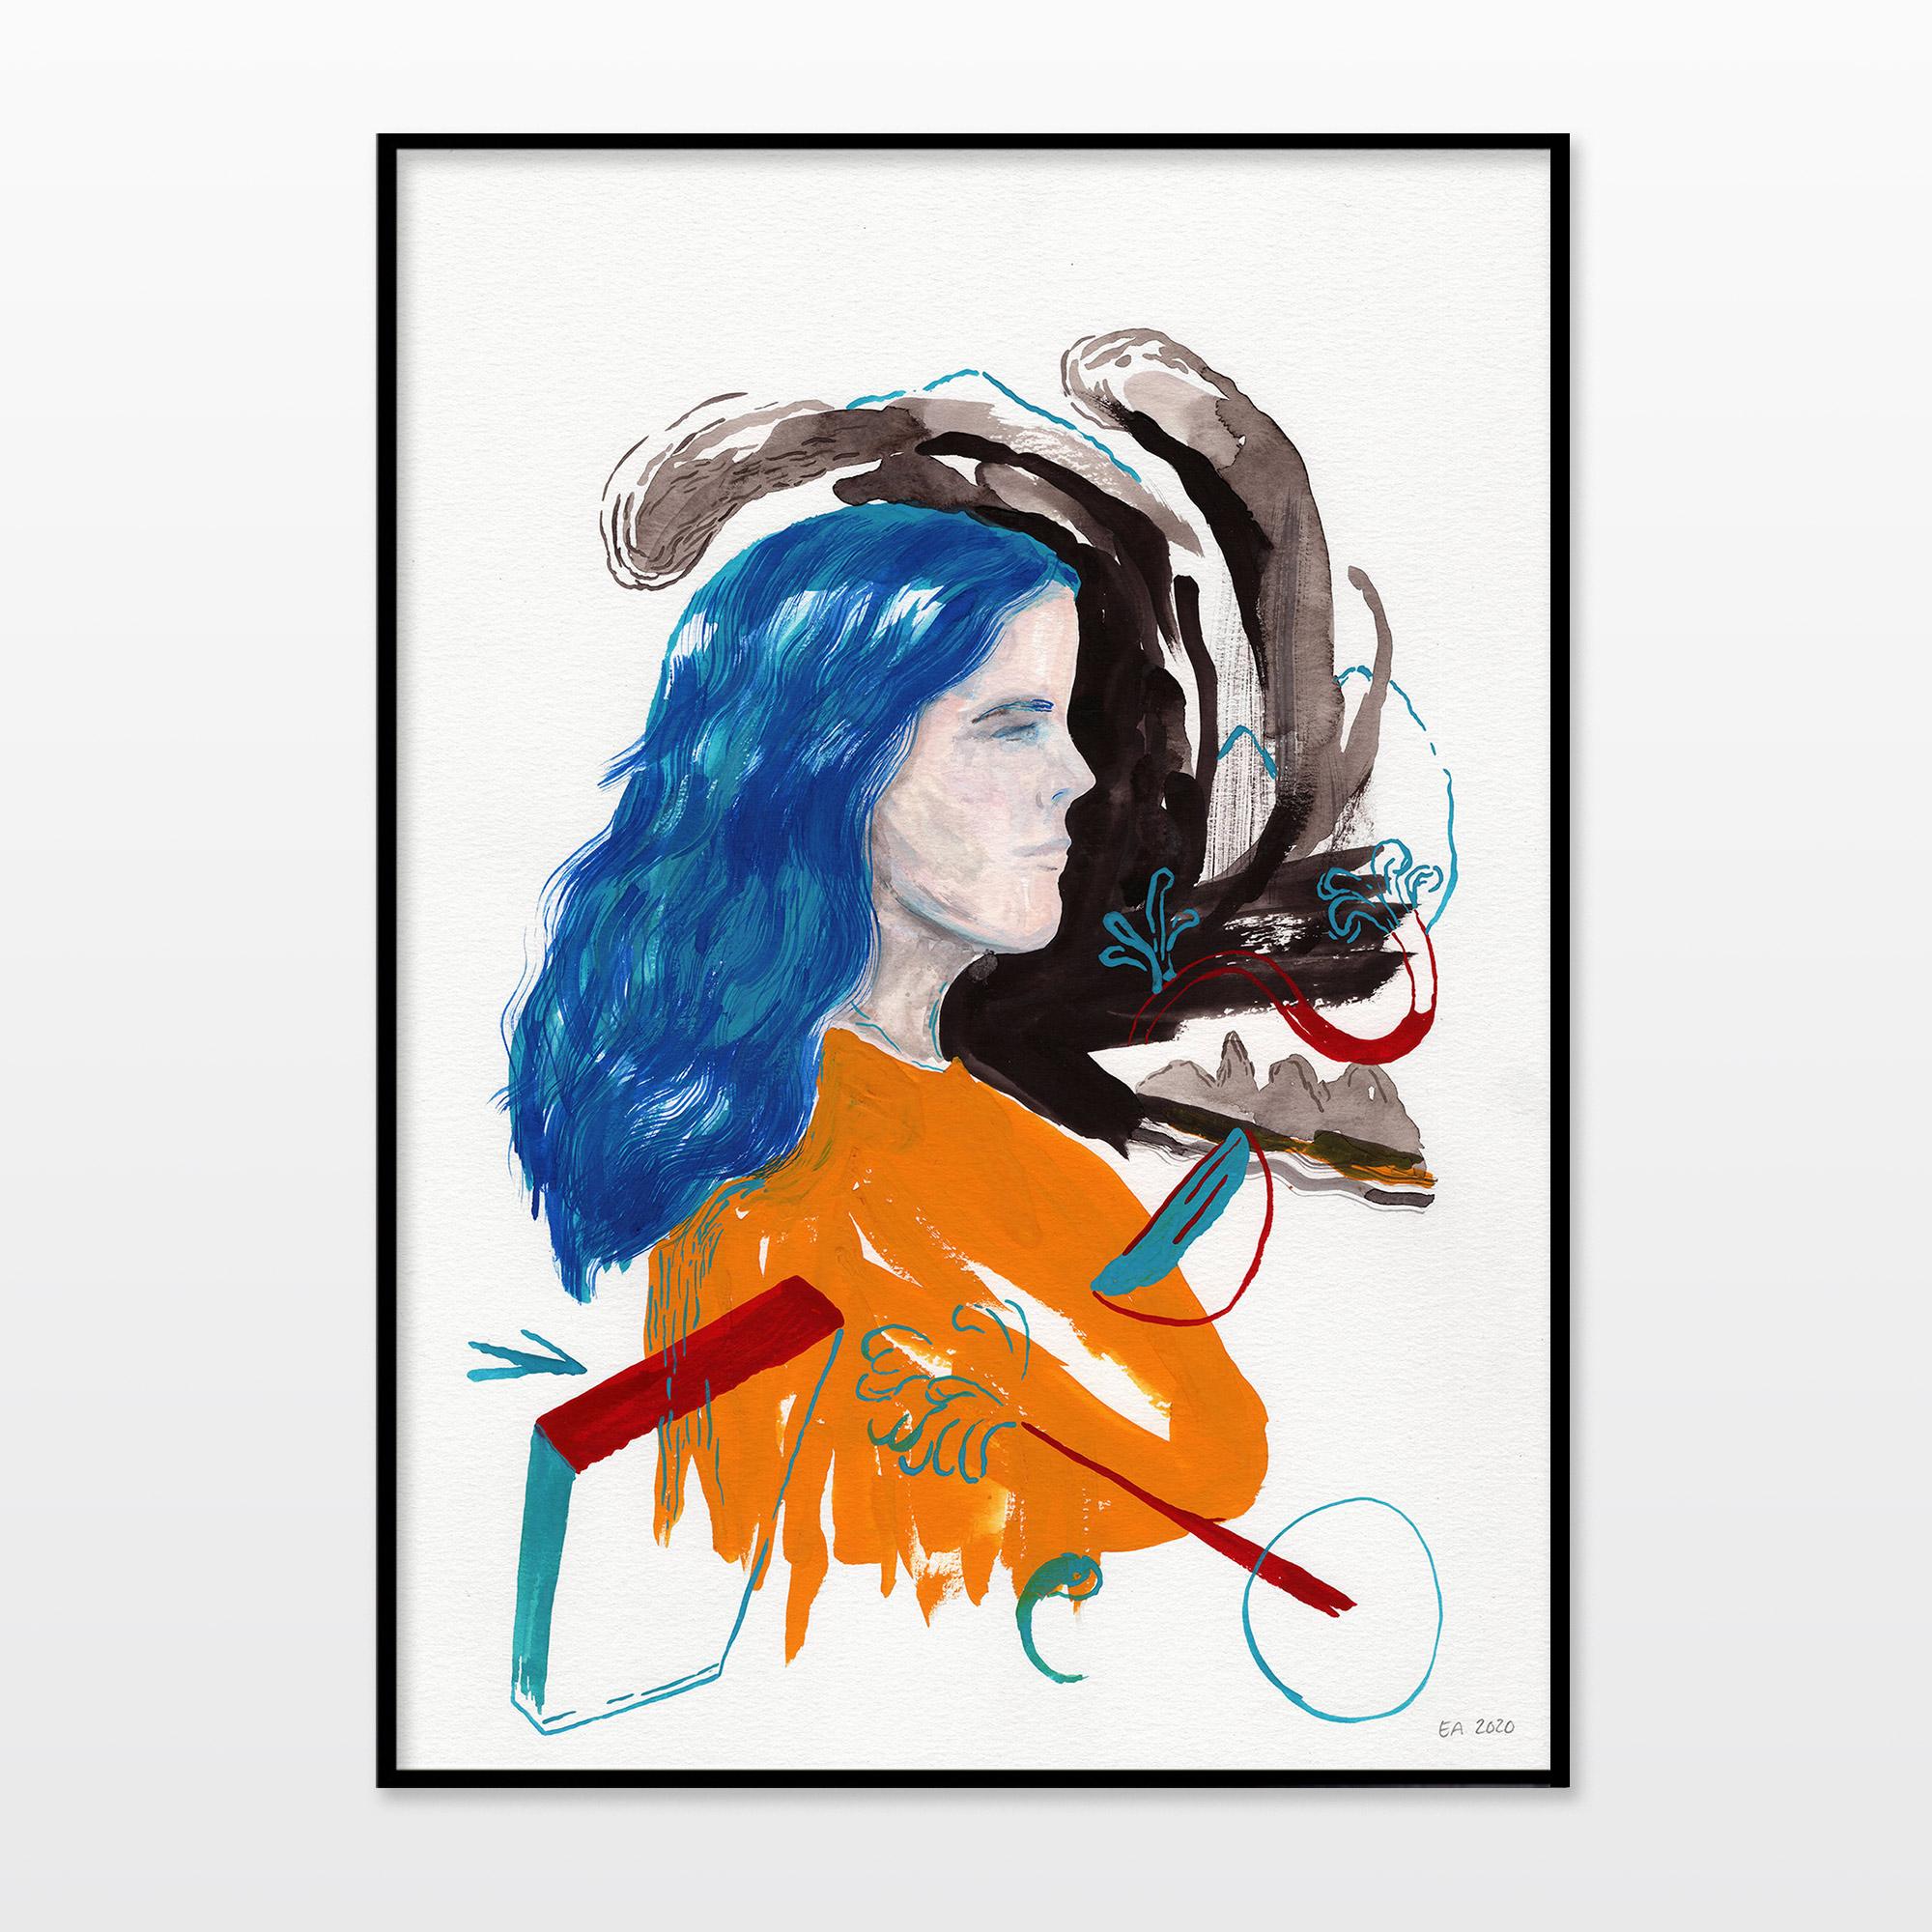 tegninger, gouache-malerier, akvarel-malerier, æstetiske, farverige, figurative, grafiske, illustrative, kroppe, botanik, mennesker, sorte, blå, orange, akryl, blæk, papir, akvarel, smukke, dansk, dekorative, design, ansigter, kvindelig, interiør, bolig-indretning, moderne, moderne-kunst, nordisk, planter, plakater, flotte, skandinavisk, kvinder, Køb original kunst og kunstplakater. Malerier, tegninger, limited edition kunsttryk & plakater af dygtige kunstnere.